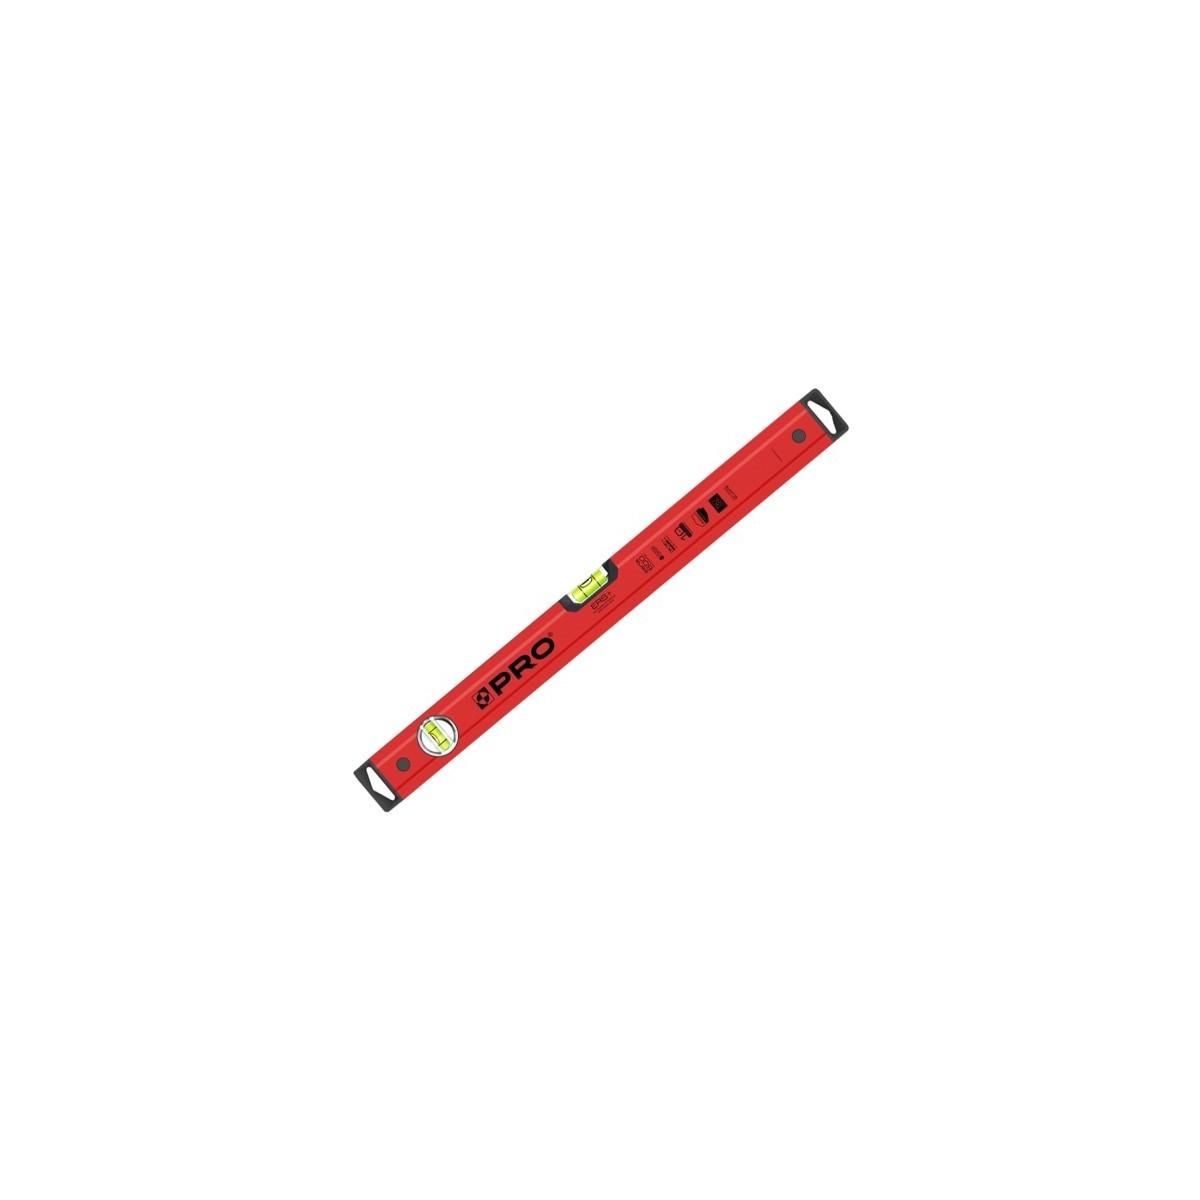 Poziomica 150 cm PRO - 3-01-01-A1-150 Poziomica 150 cm PRO - 3-01-01-A1-150